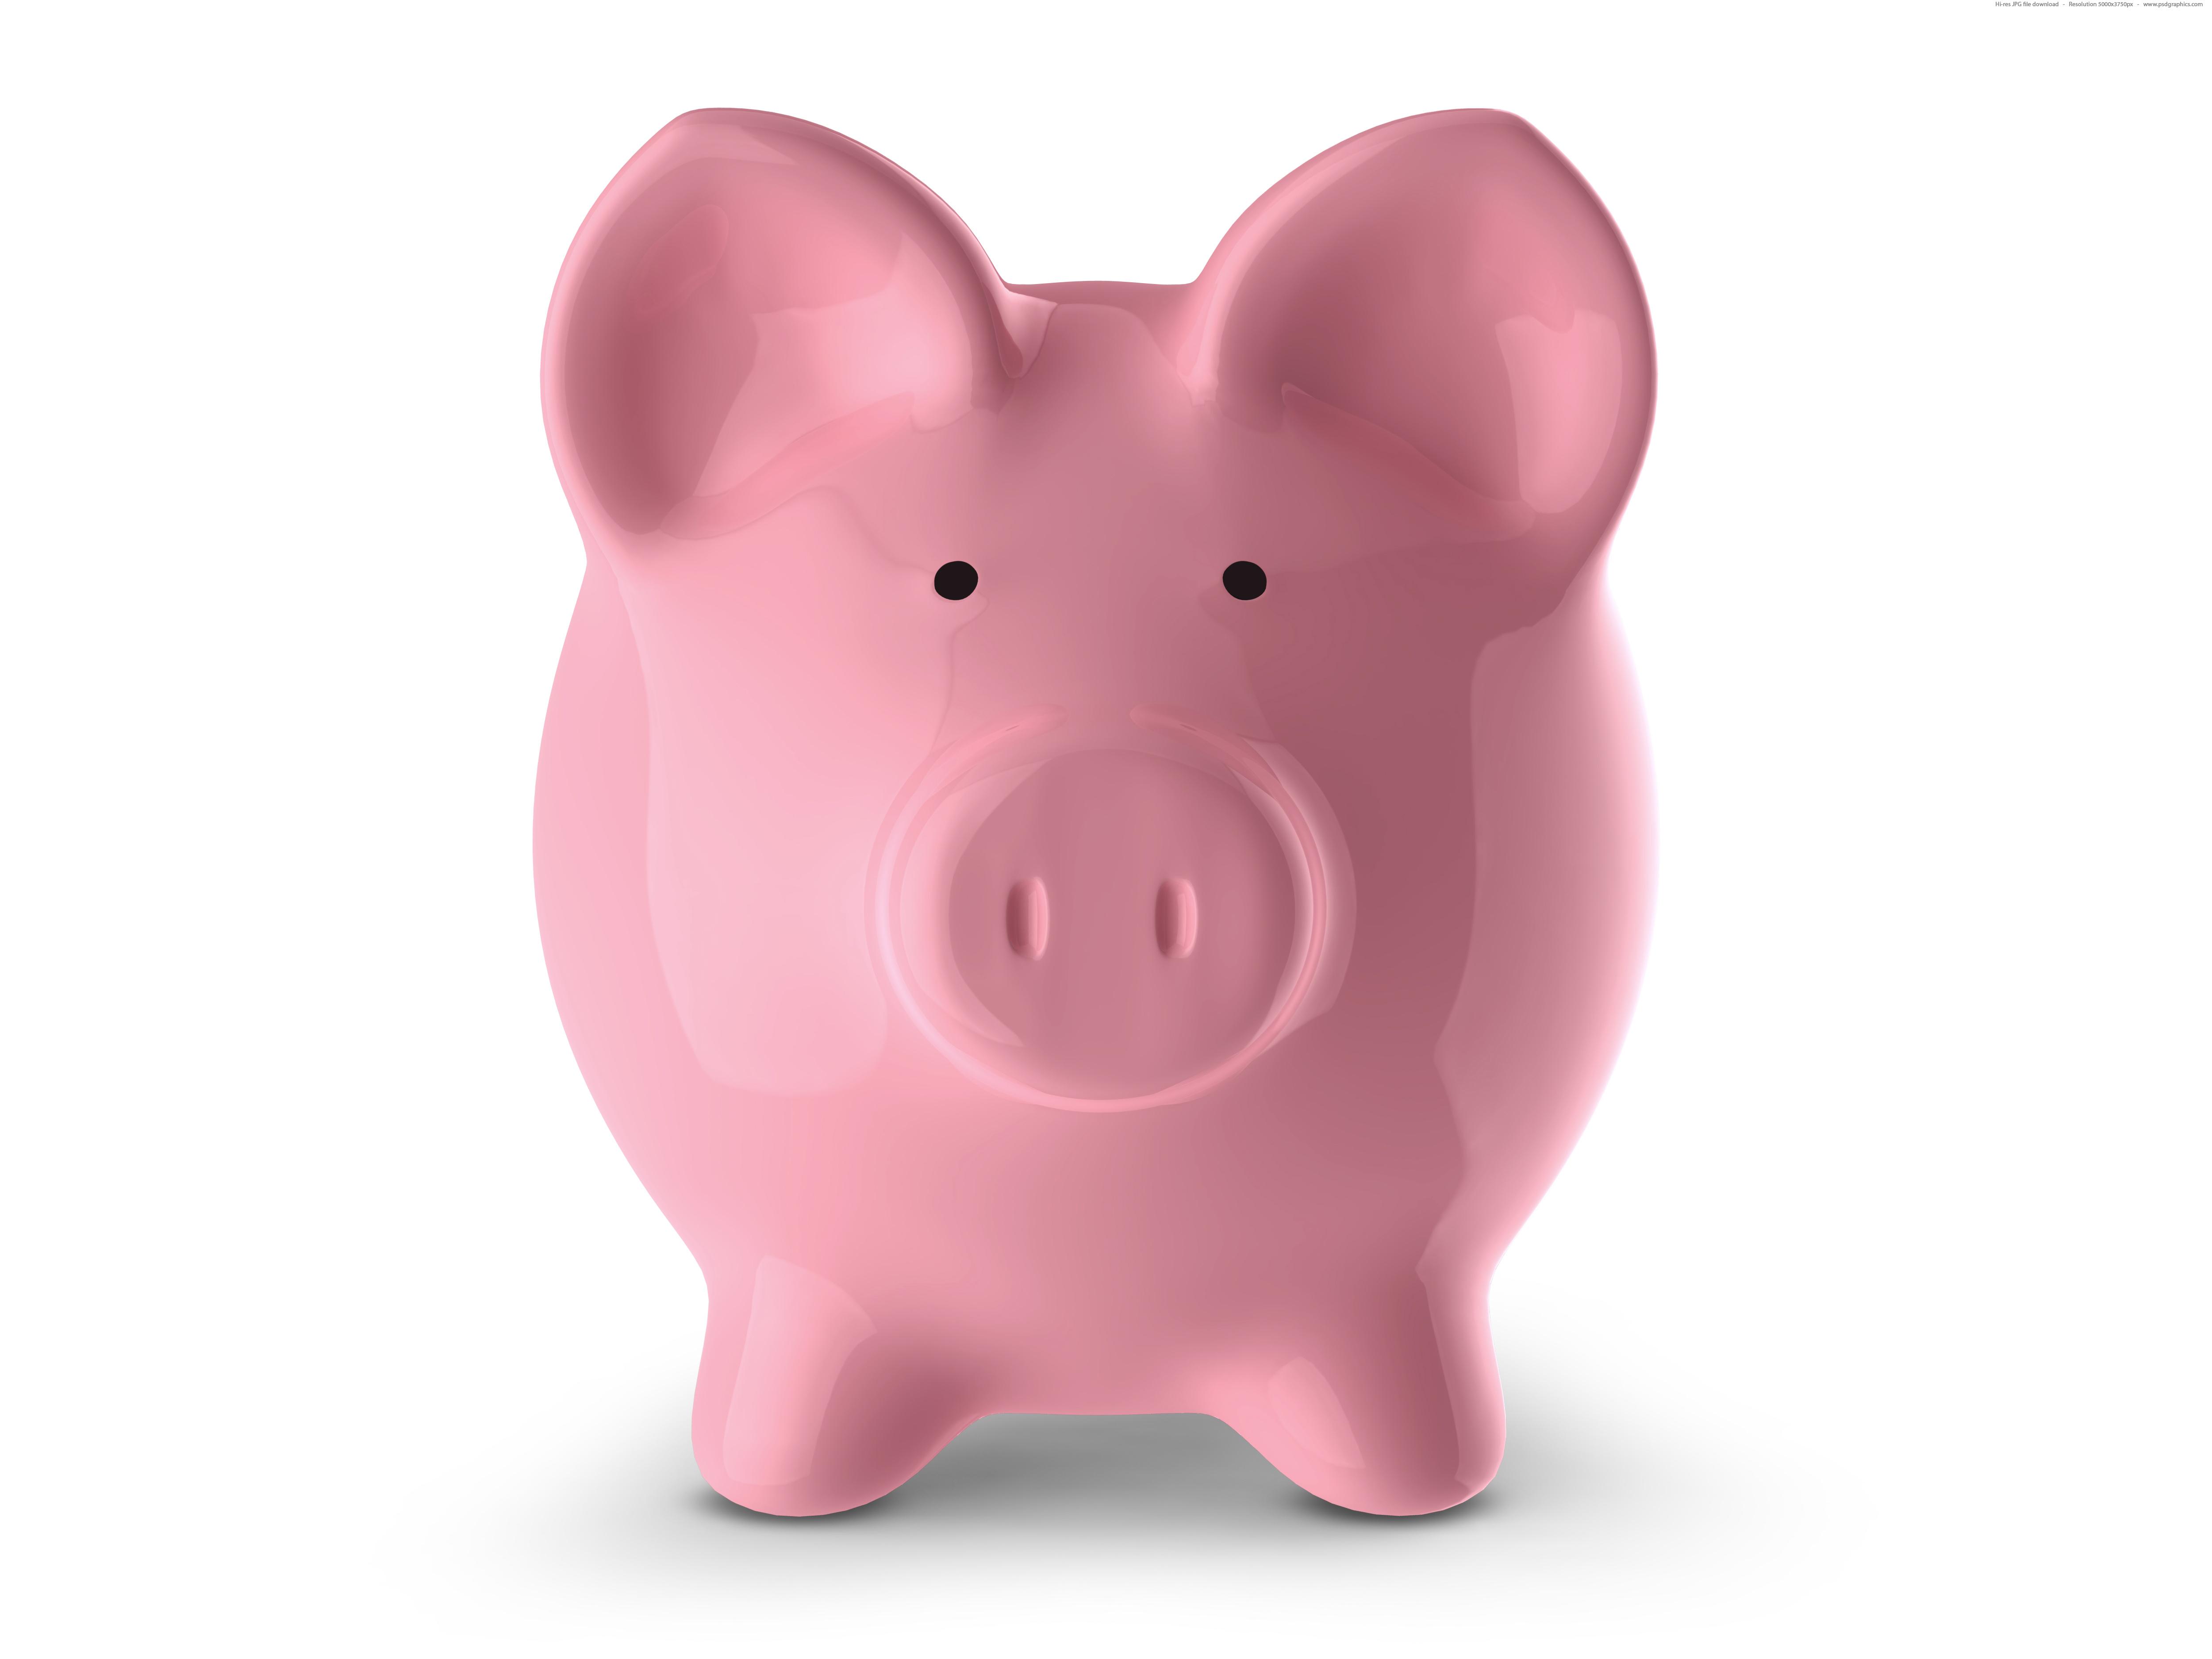 Piggy Bank   Inspiration: Saving money. Piggy bank. Cost of